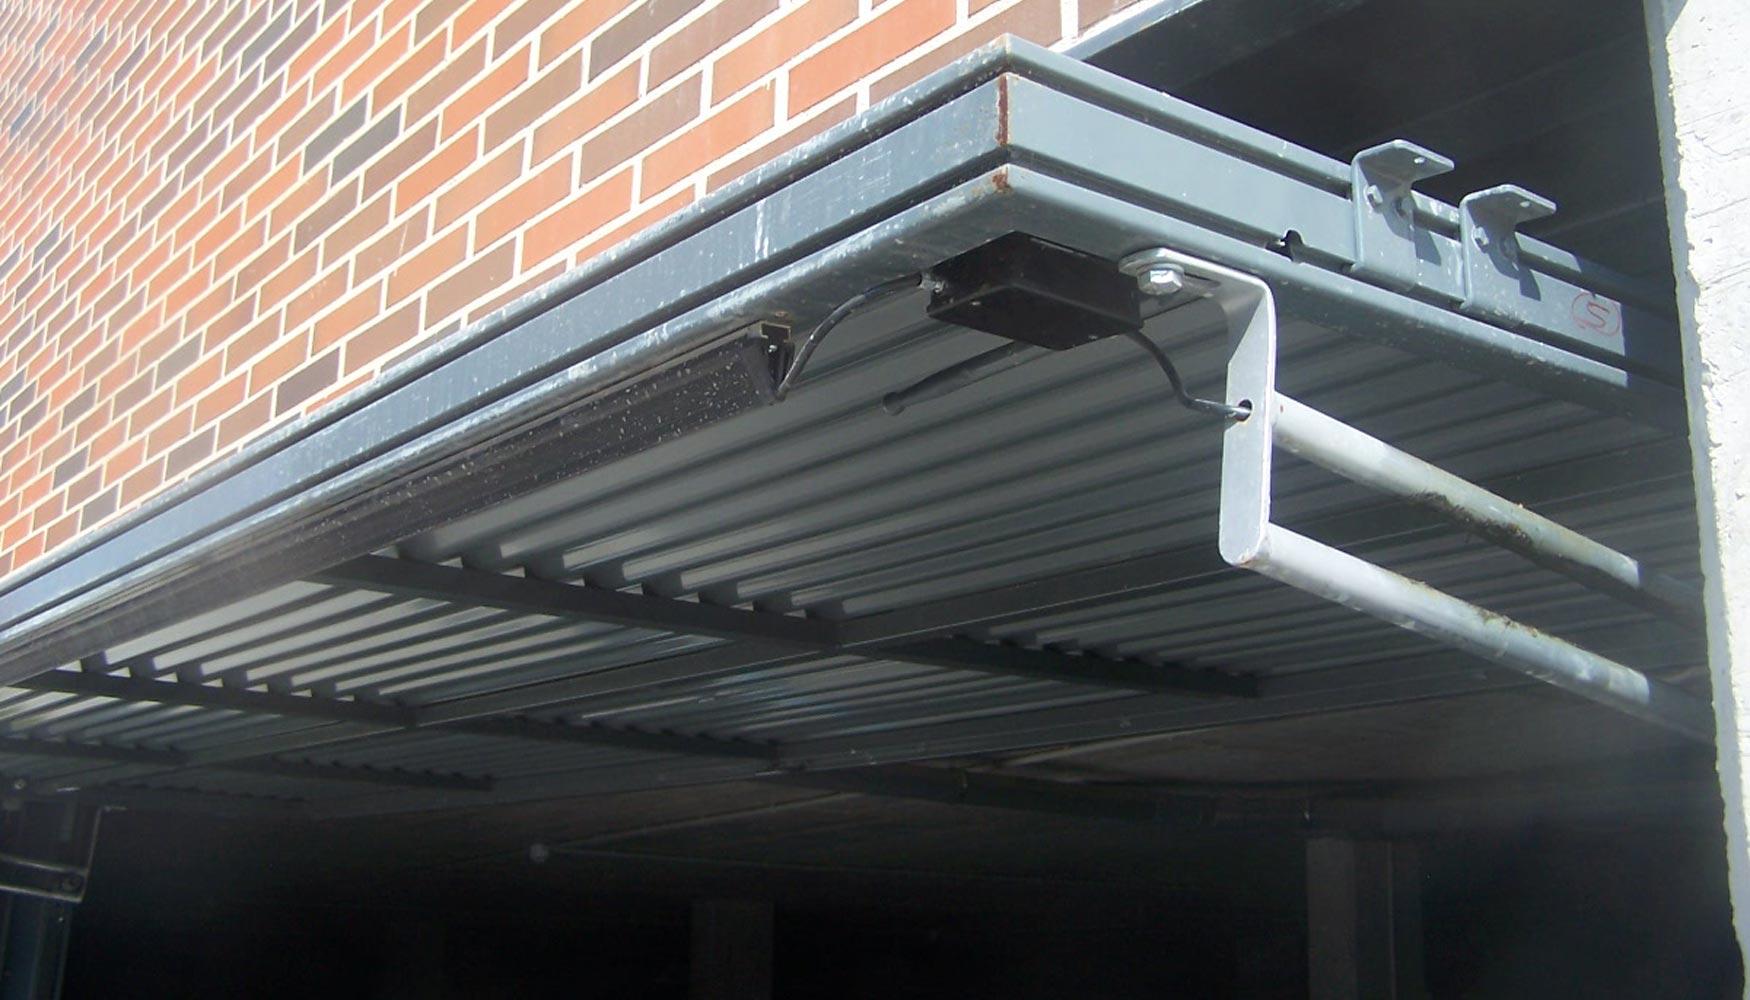 el plan renove de puertas de garaje de madrid fomenta la seguridad y